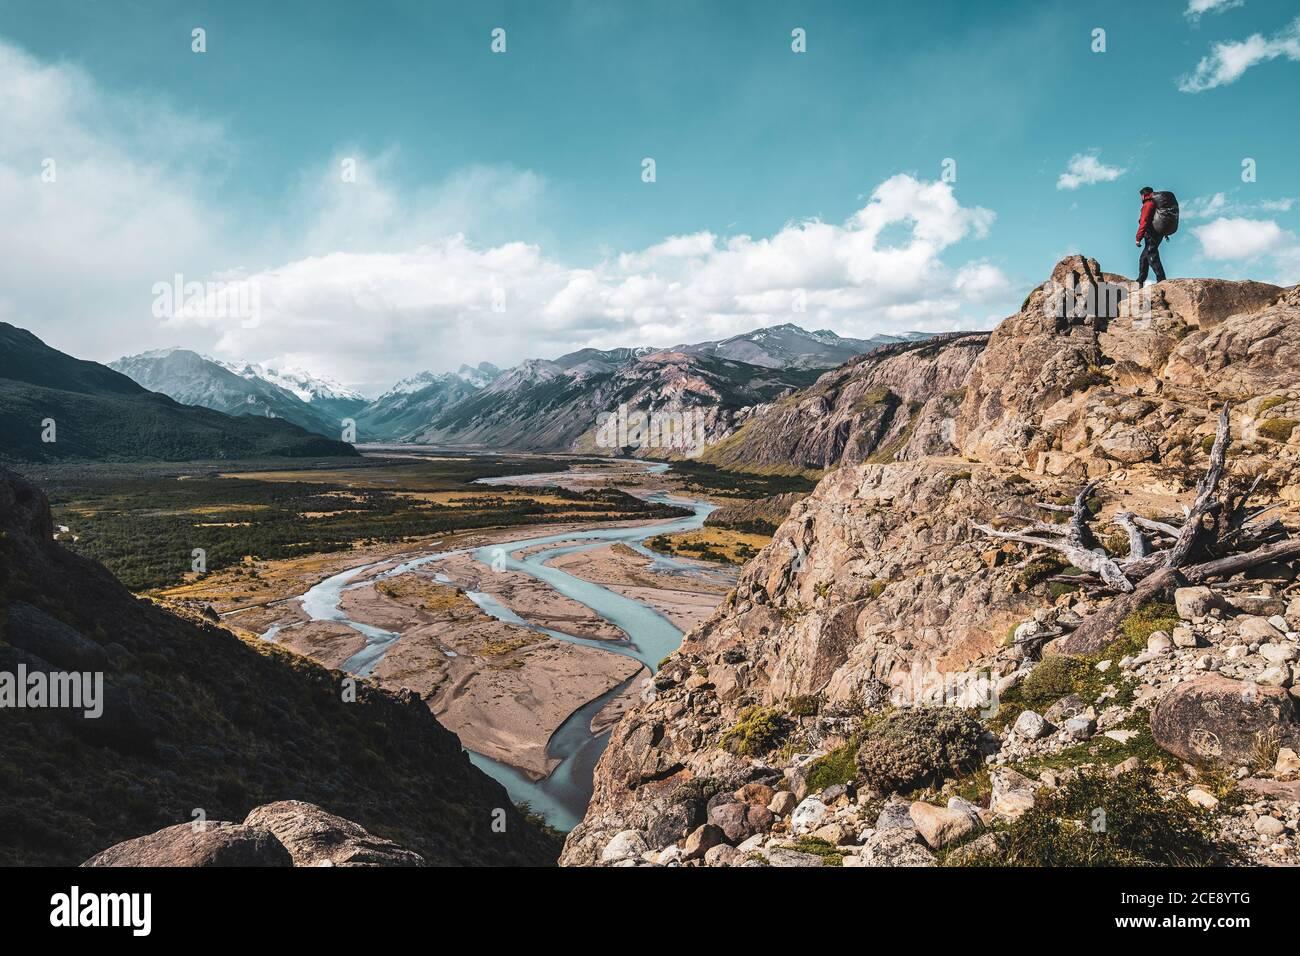 Excursionista en la cima de una montaña admirando un valle con un hermoso río en la Patagonia. Foto de stock